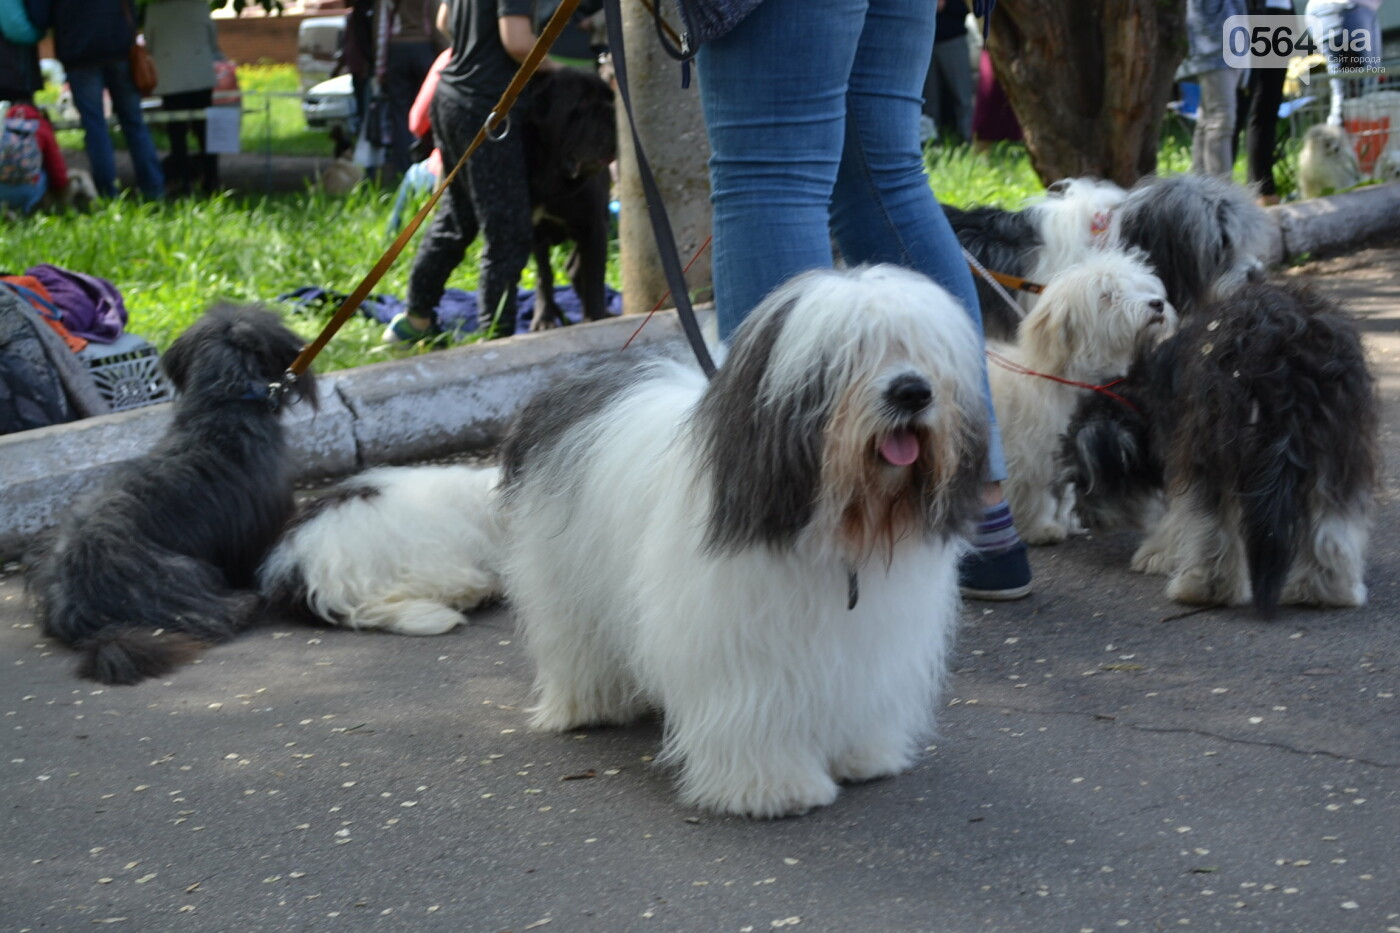 """""""Весна Кривбасса-2019"""": на выставке в Кривом Роге можно увидеть собак более 90 пород, - ФОТО, ВИДЕО, фото-8"""